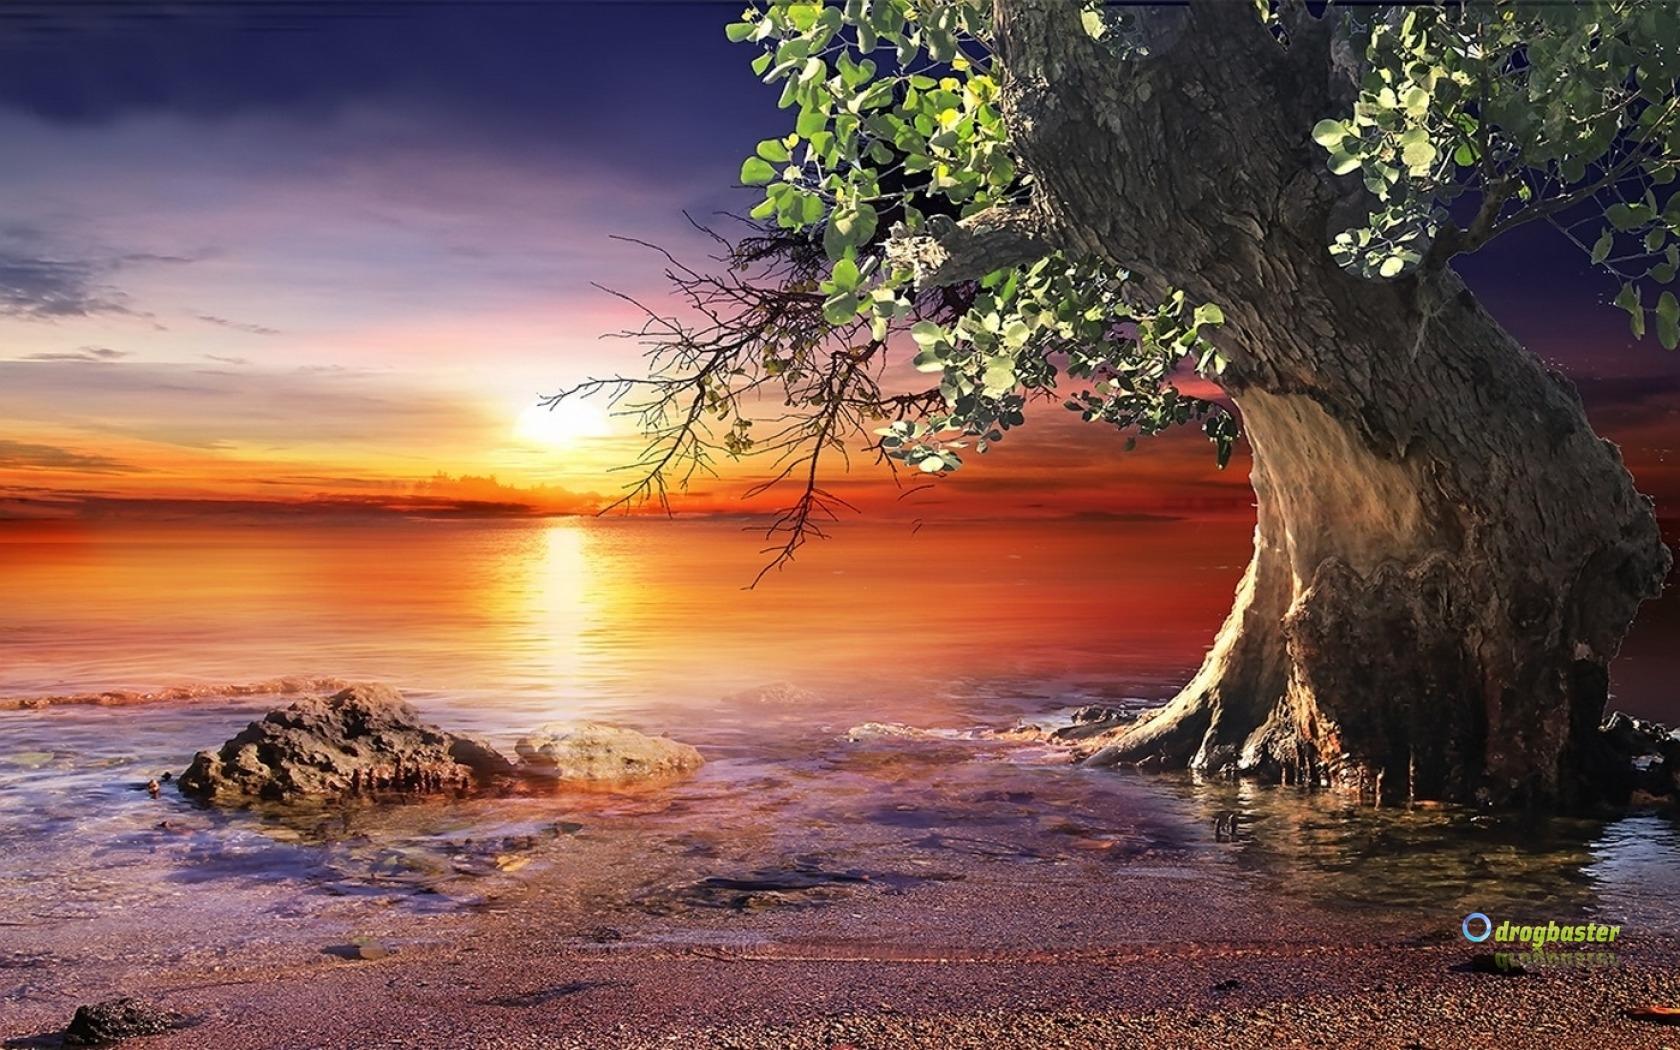 Sfondilandia immagini e wallpaper natura paesaggi e animali for Foto paesaggi gratis